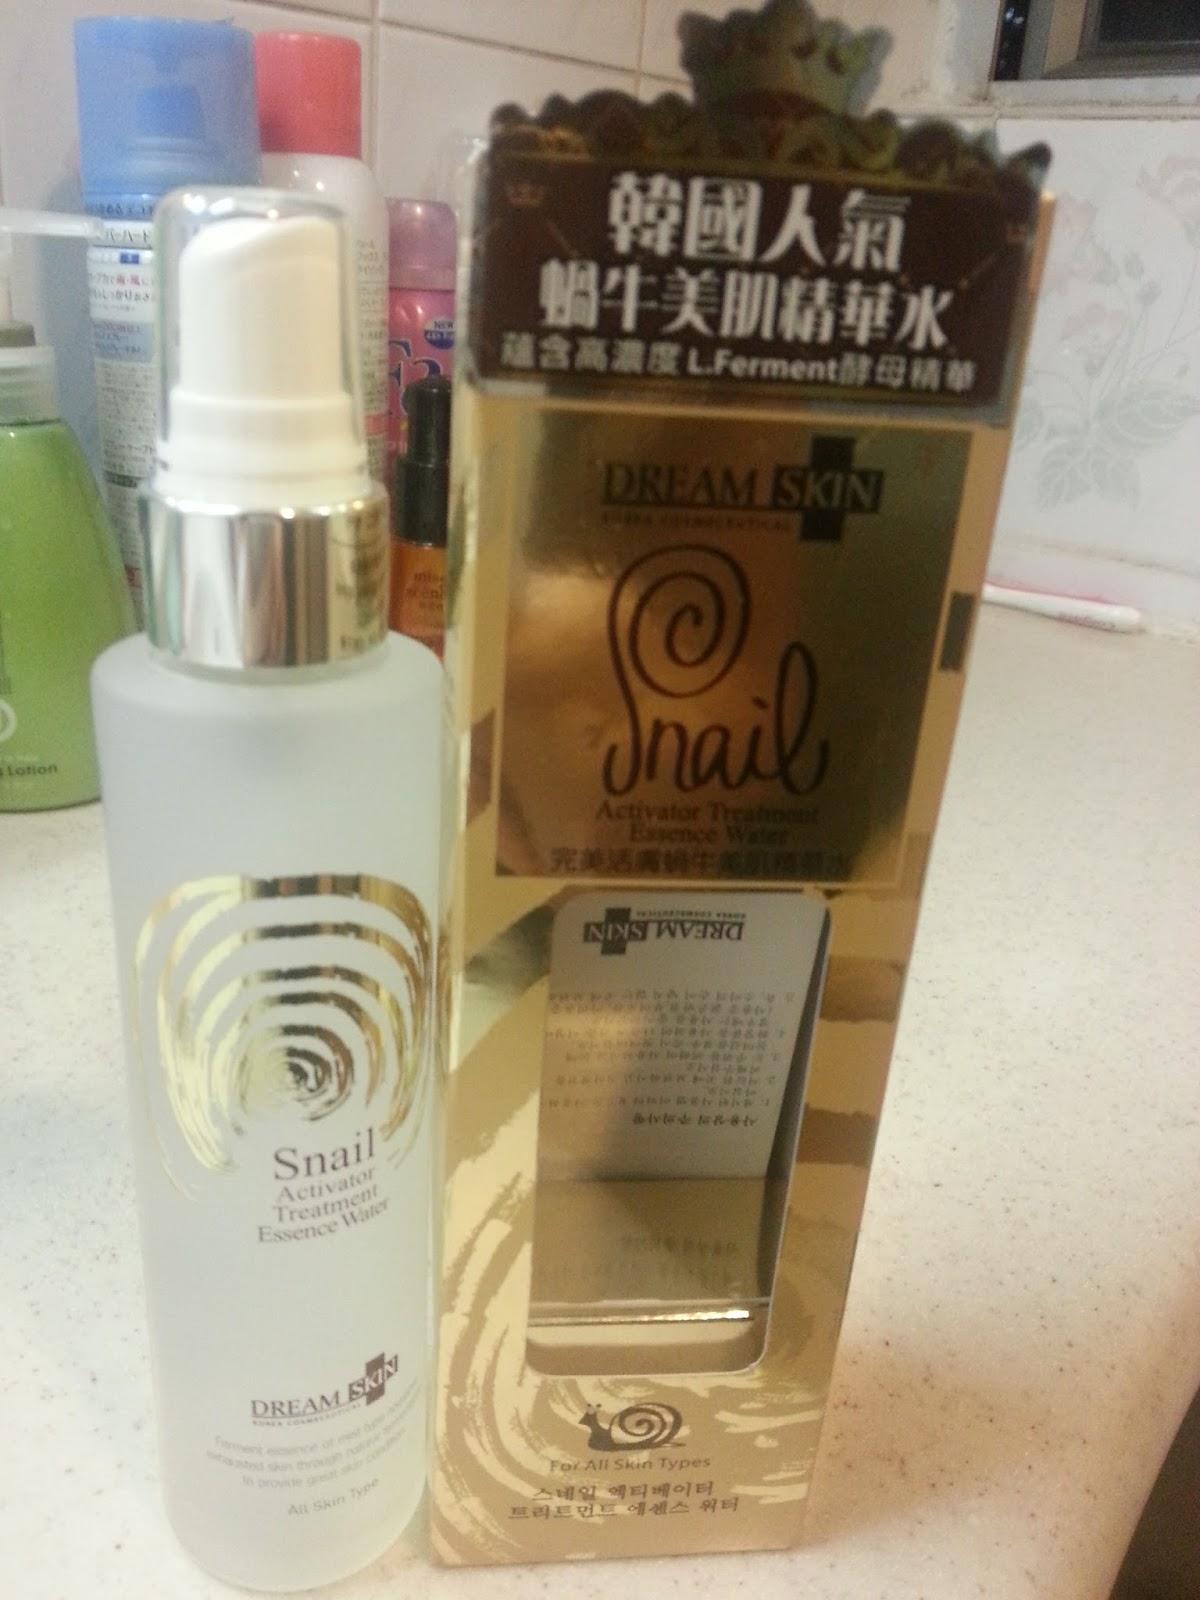 Nicole Lau K. W. Blog: - 蝸牛之淡化暗瘡印篇(上) Snail White, Dream Skin, Eclado